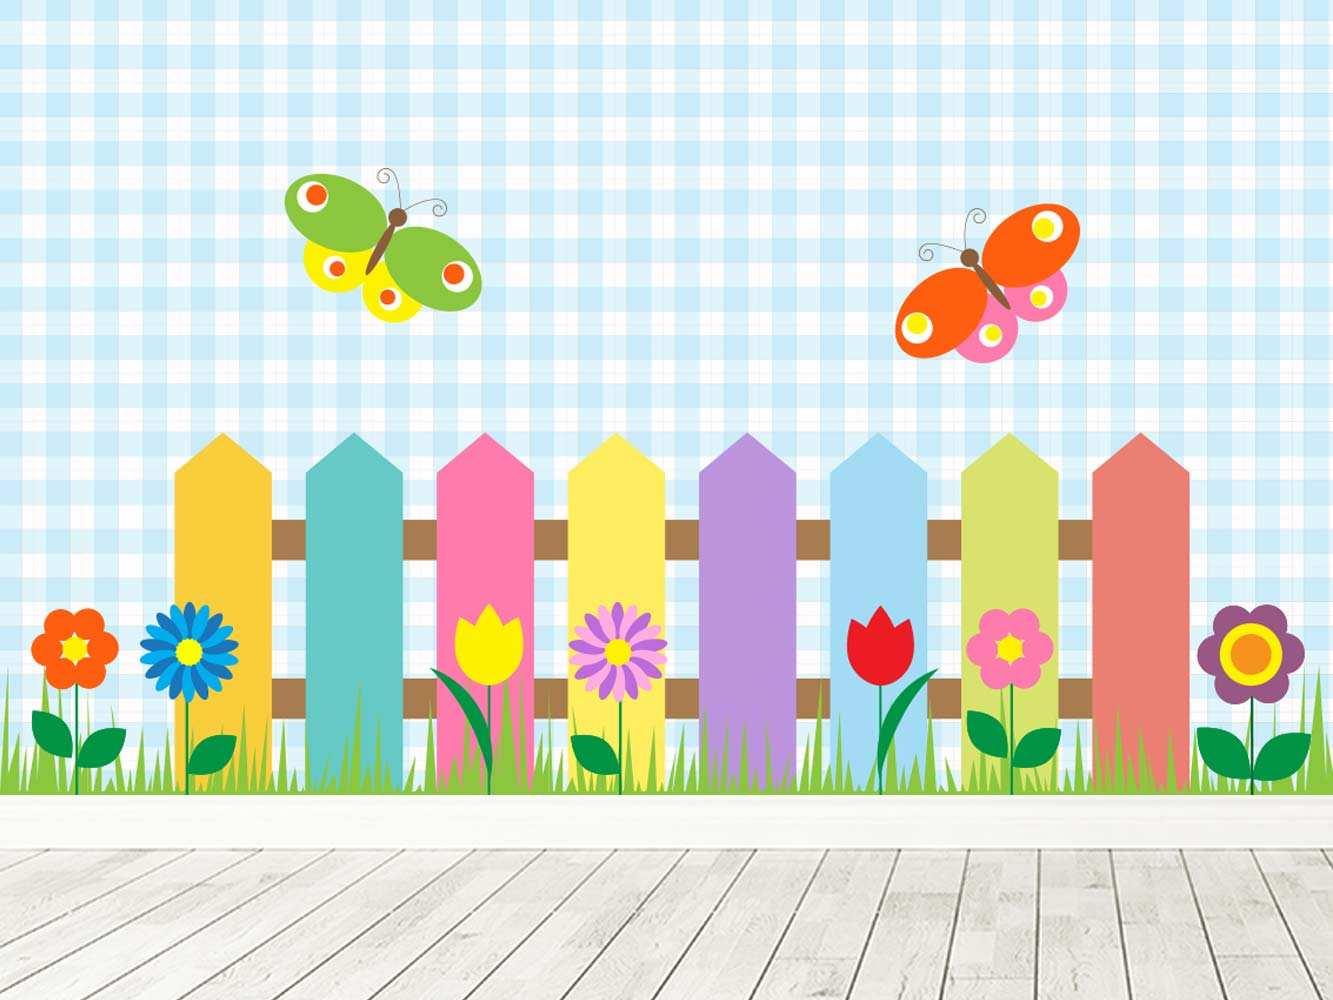 Fotomural Vinilo Infantil Valla Madera Multicolor   Carteles XXL - Impresión carteleria publicitaria